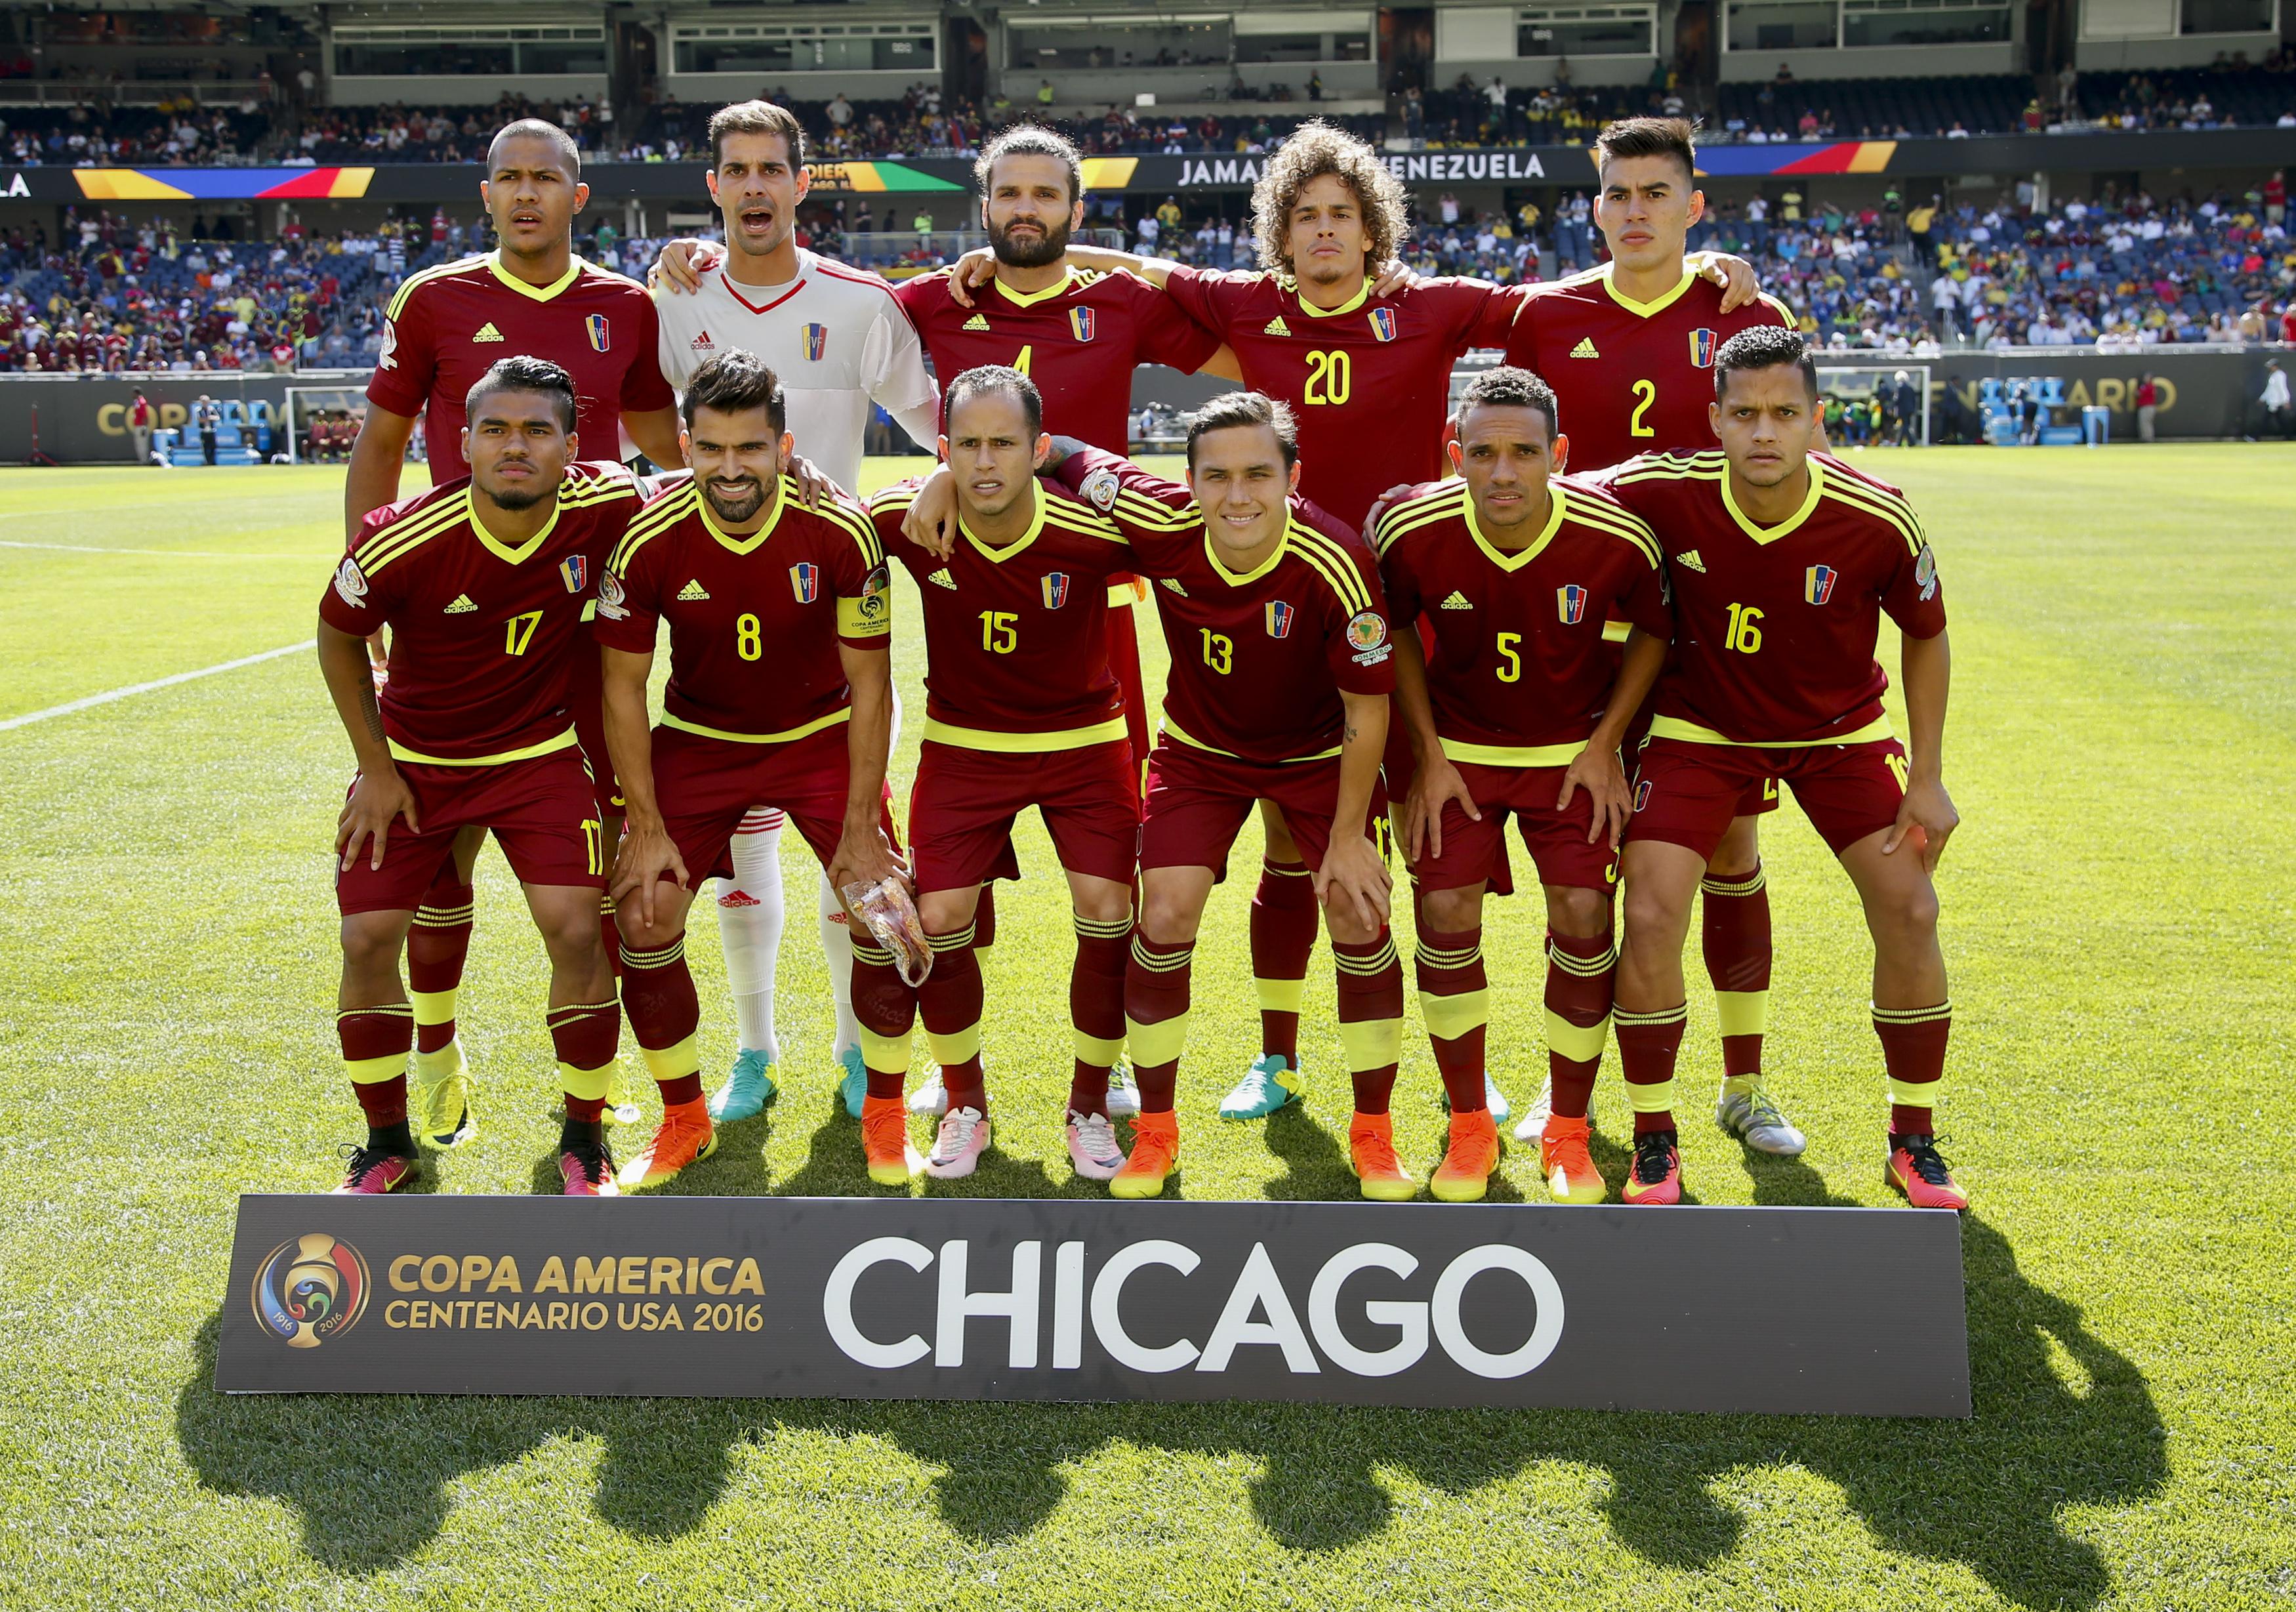 CHI01. CHICAGO (EEUU), 05/06/2016.- Jugadores de Venezuela forman hoy, domingo 5 de junio de 2016, antes de un partido del grupo C de la Copa América en el estadio Soldier Field en Chicago, Illinois (Estados Unidos). EFE/Kamil Krzaczynski